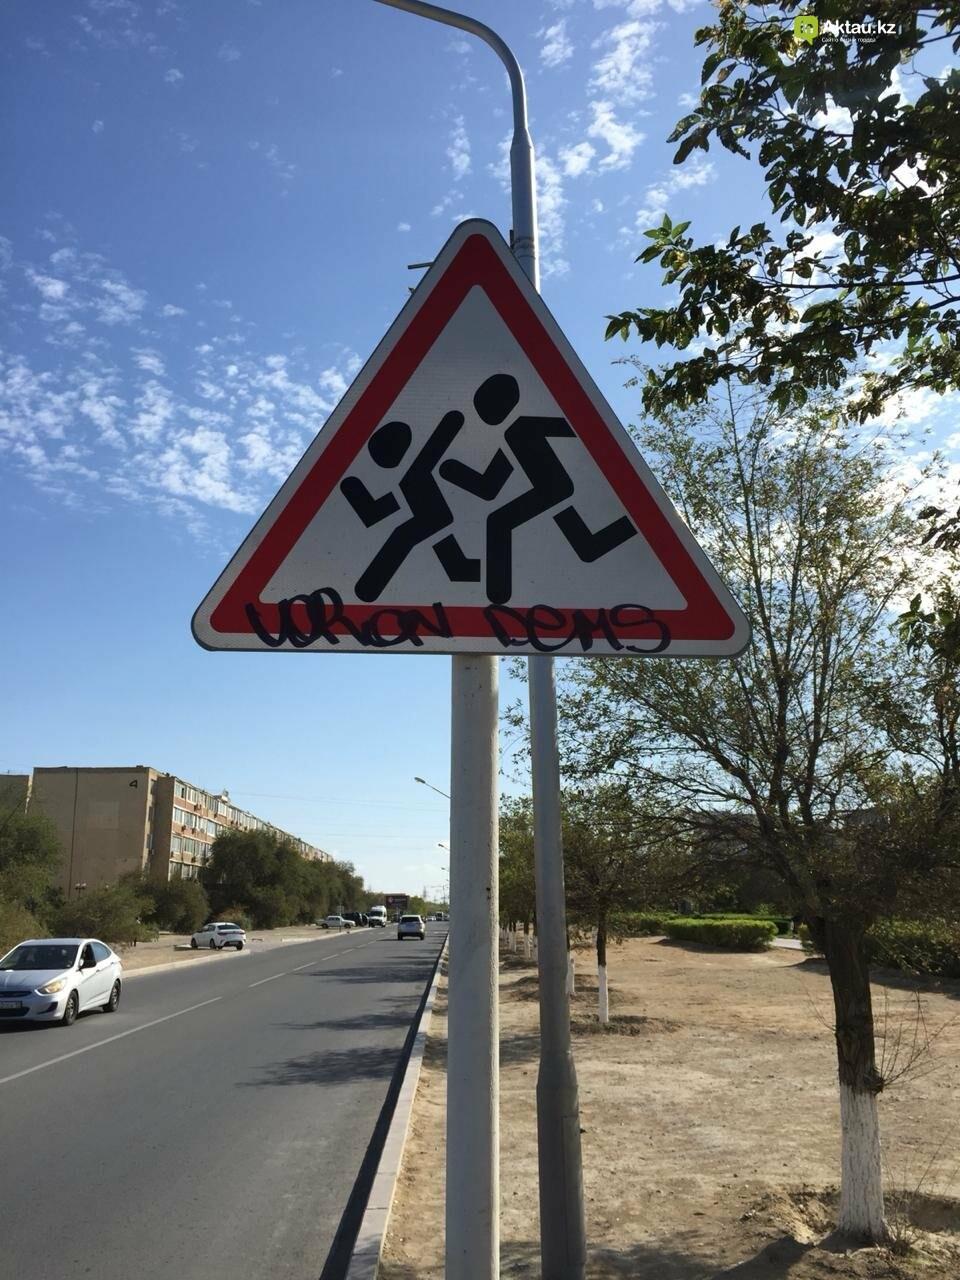 Разрисовавшего дорожные знаки вандала задержала полиция в Актау, фото-1